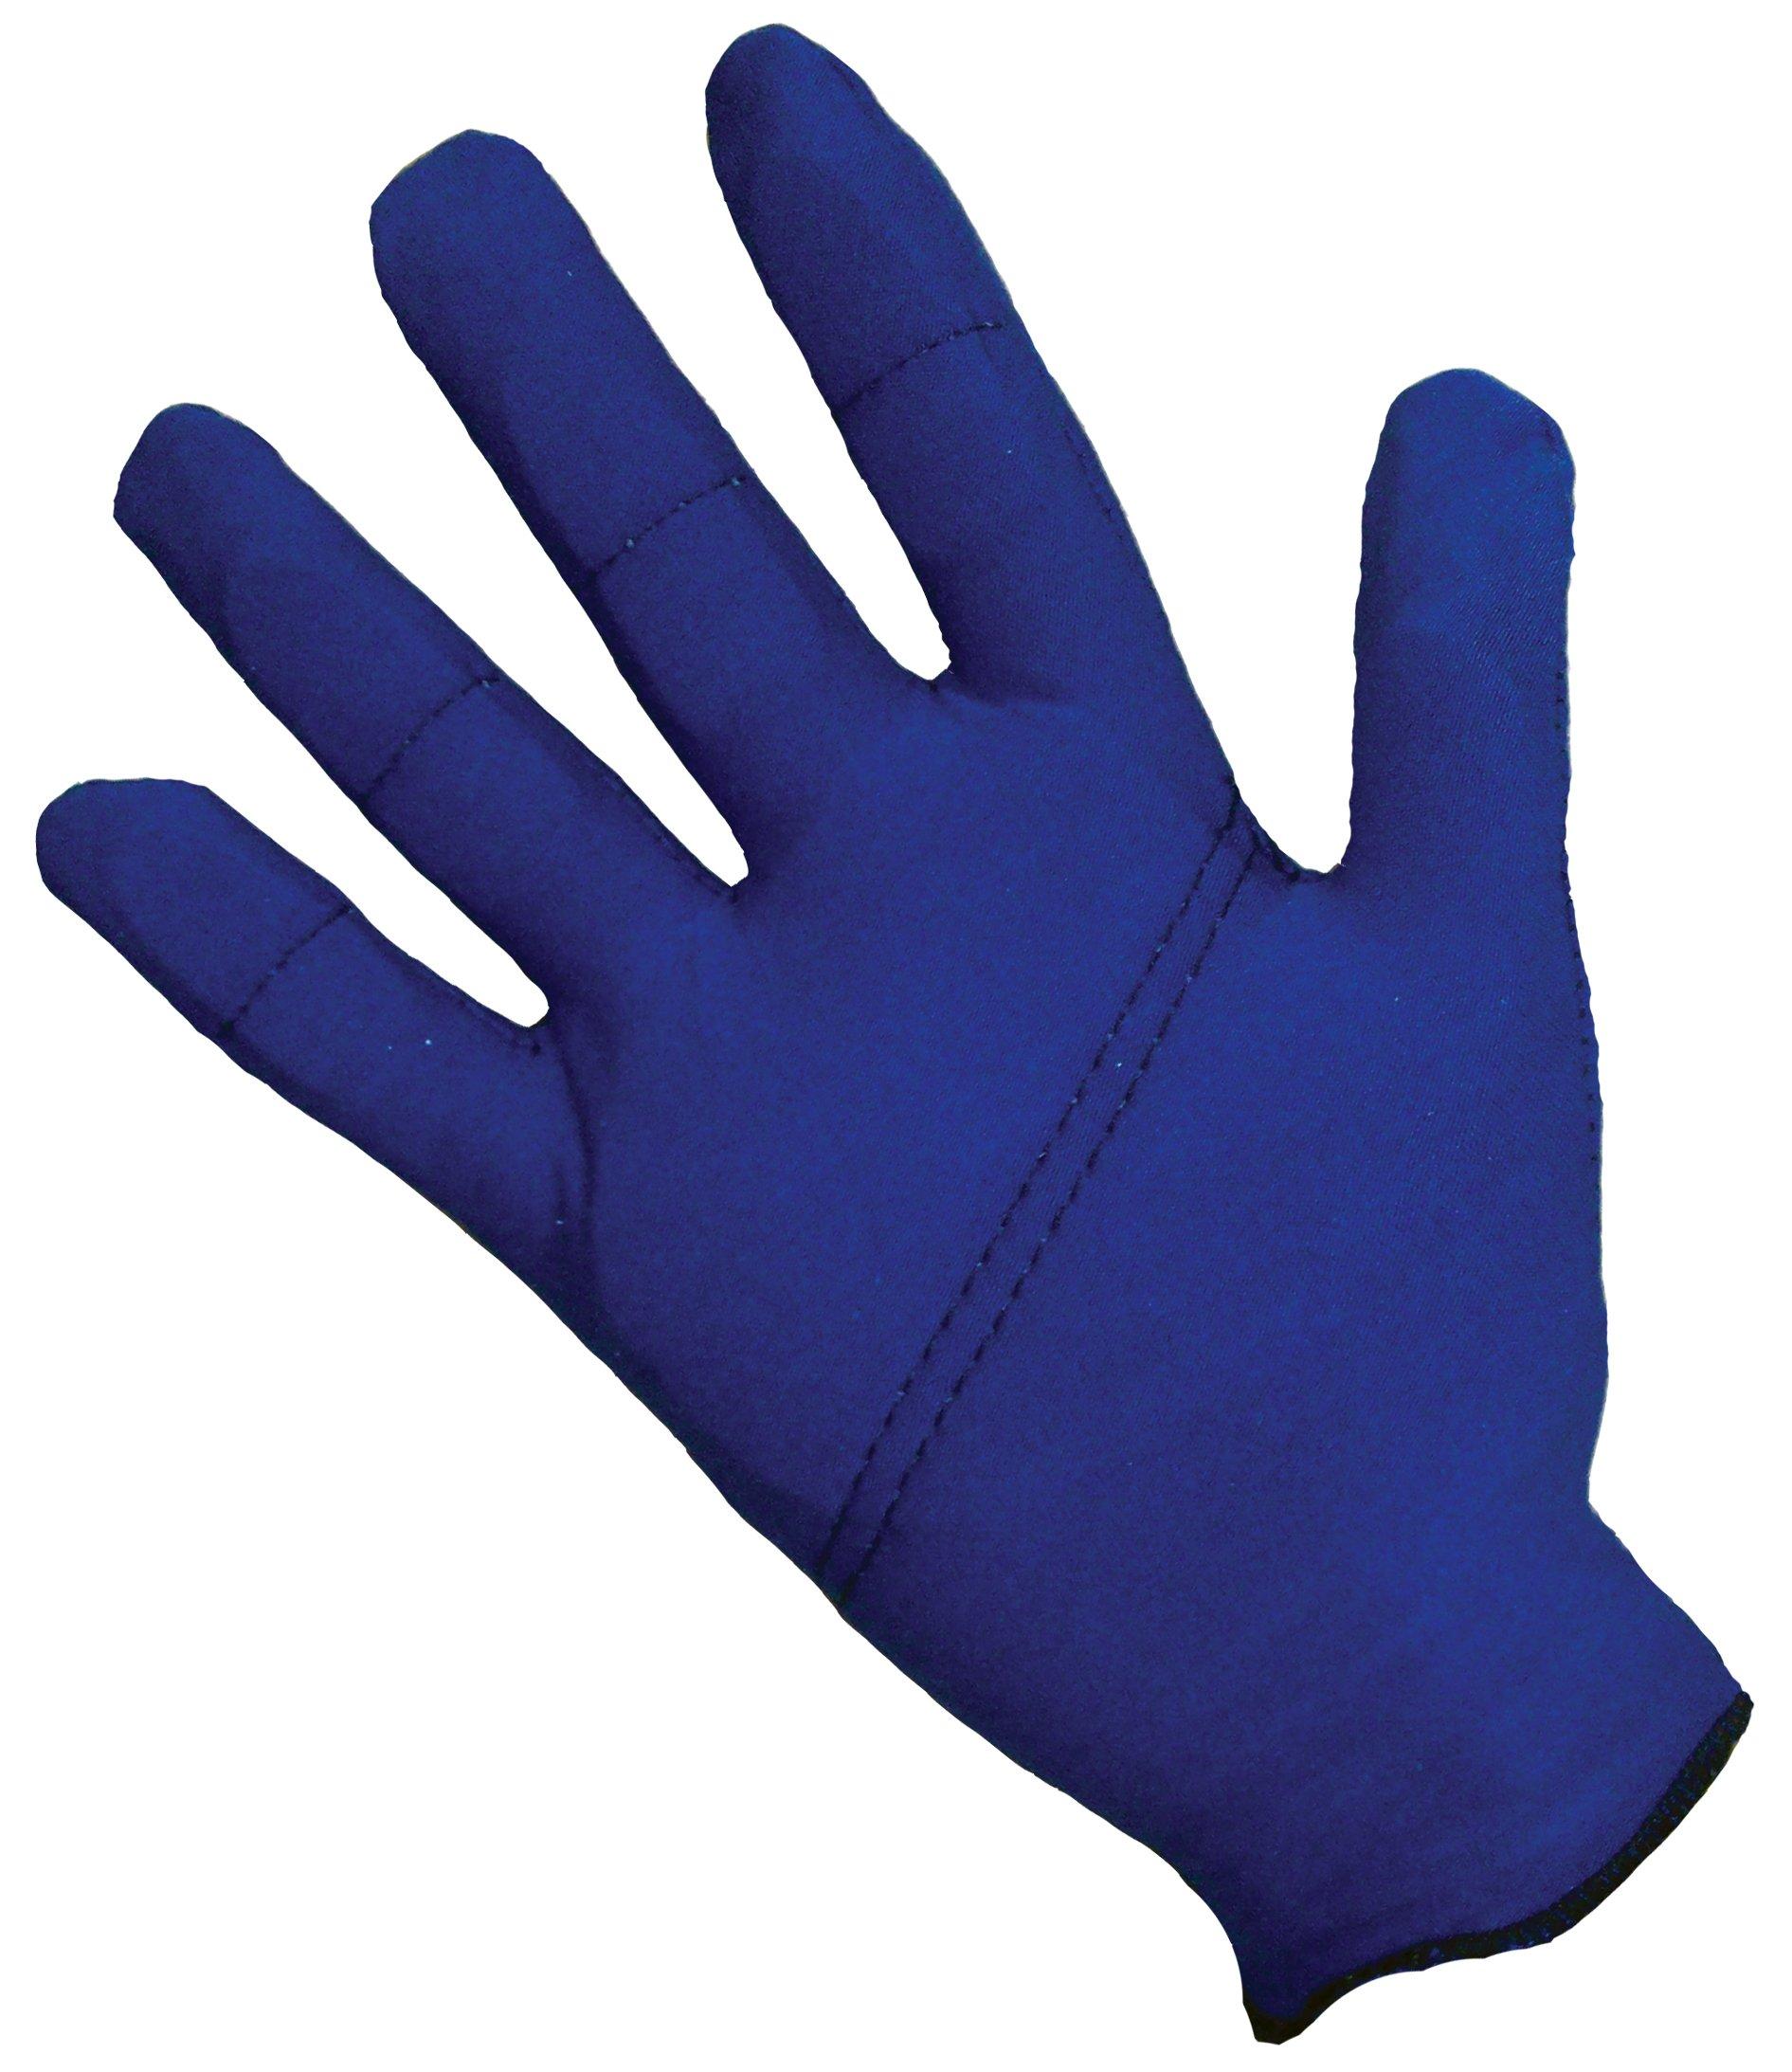 Impacto Viscolas 60100 Medium Glove Liner - 60100120030 [PRICE is per PAIR] by Impacto (Image #1)